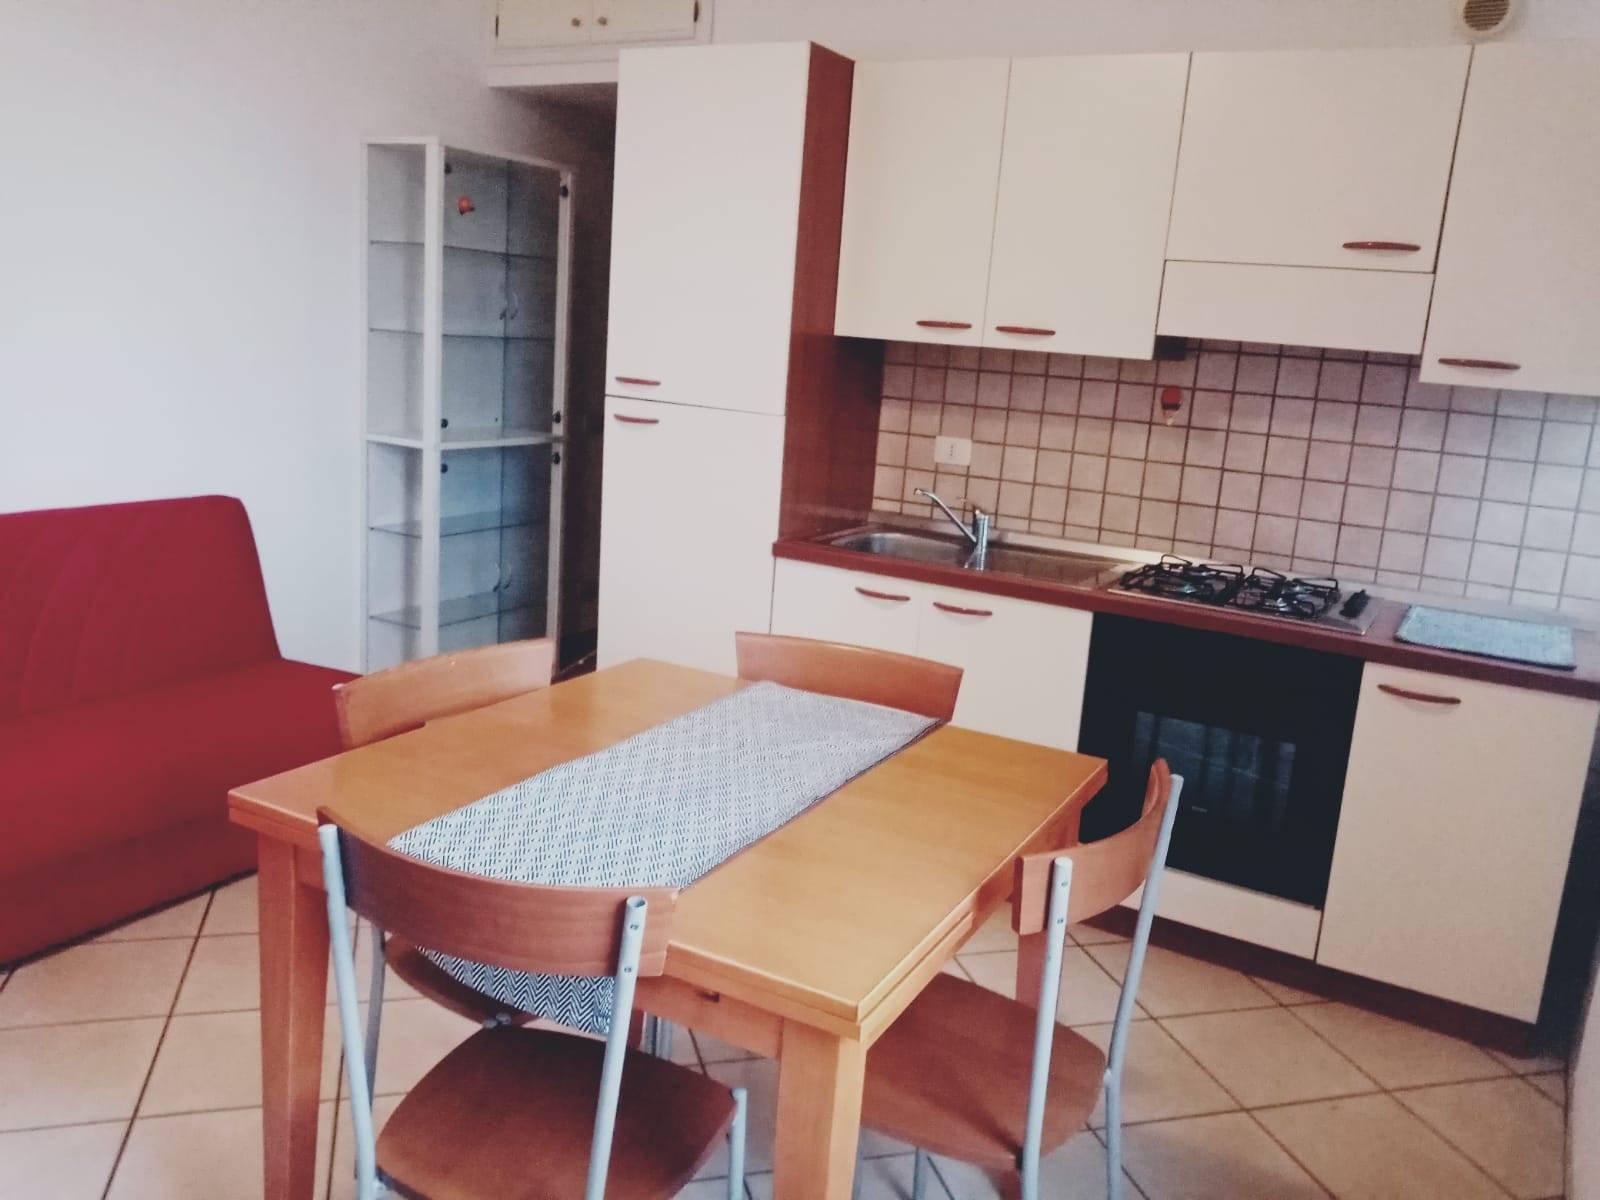 Appartamento Bilocale Arredato. L'immobile è situato in zona semicentrale vicino al Parco Uliveto vicino ai principali servizi di interessi della